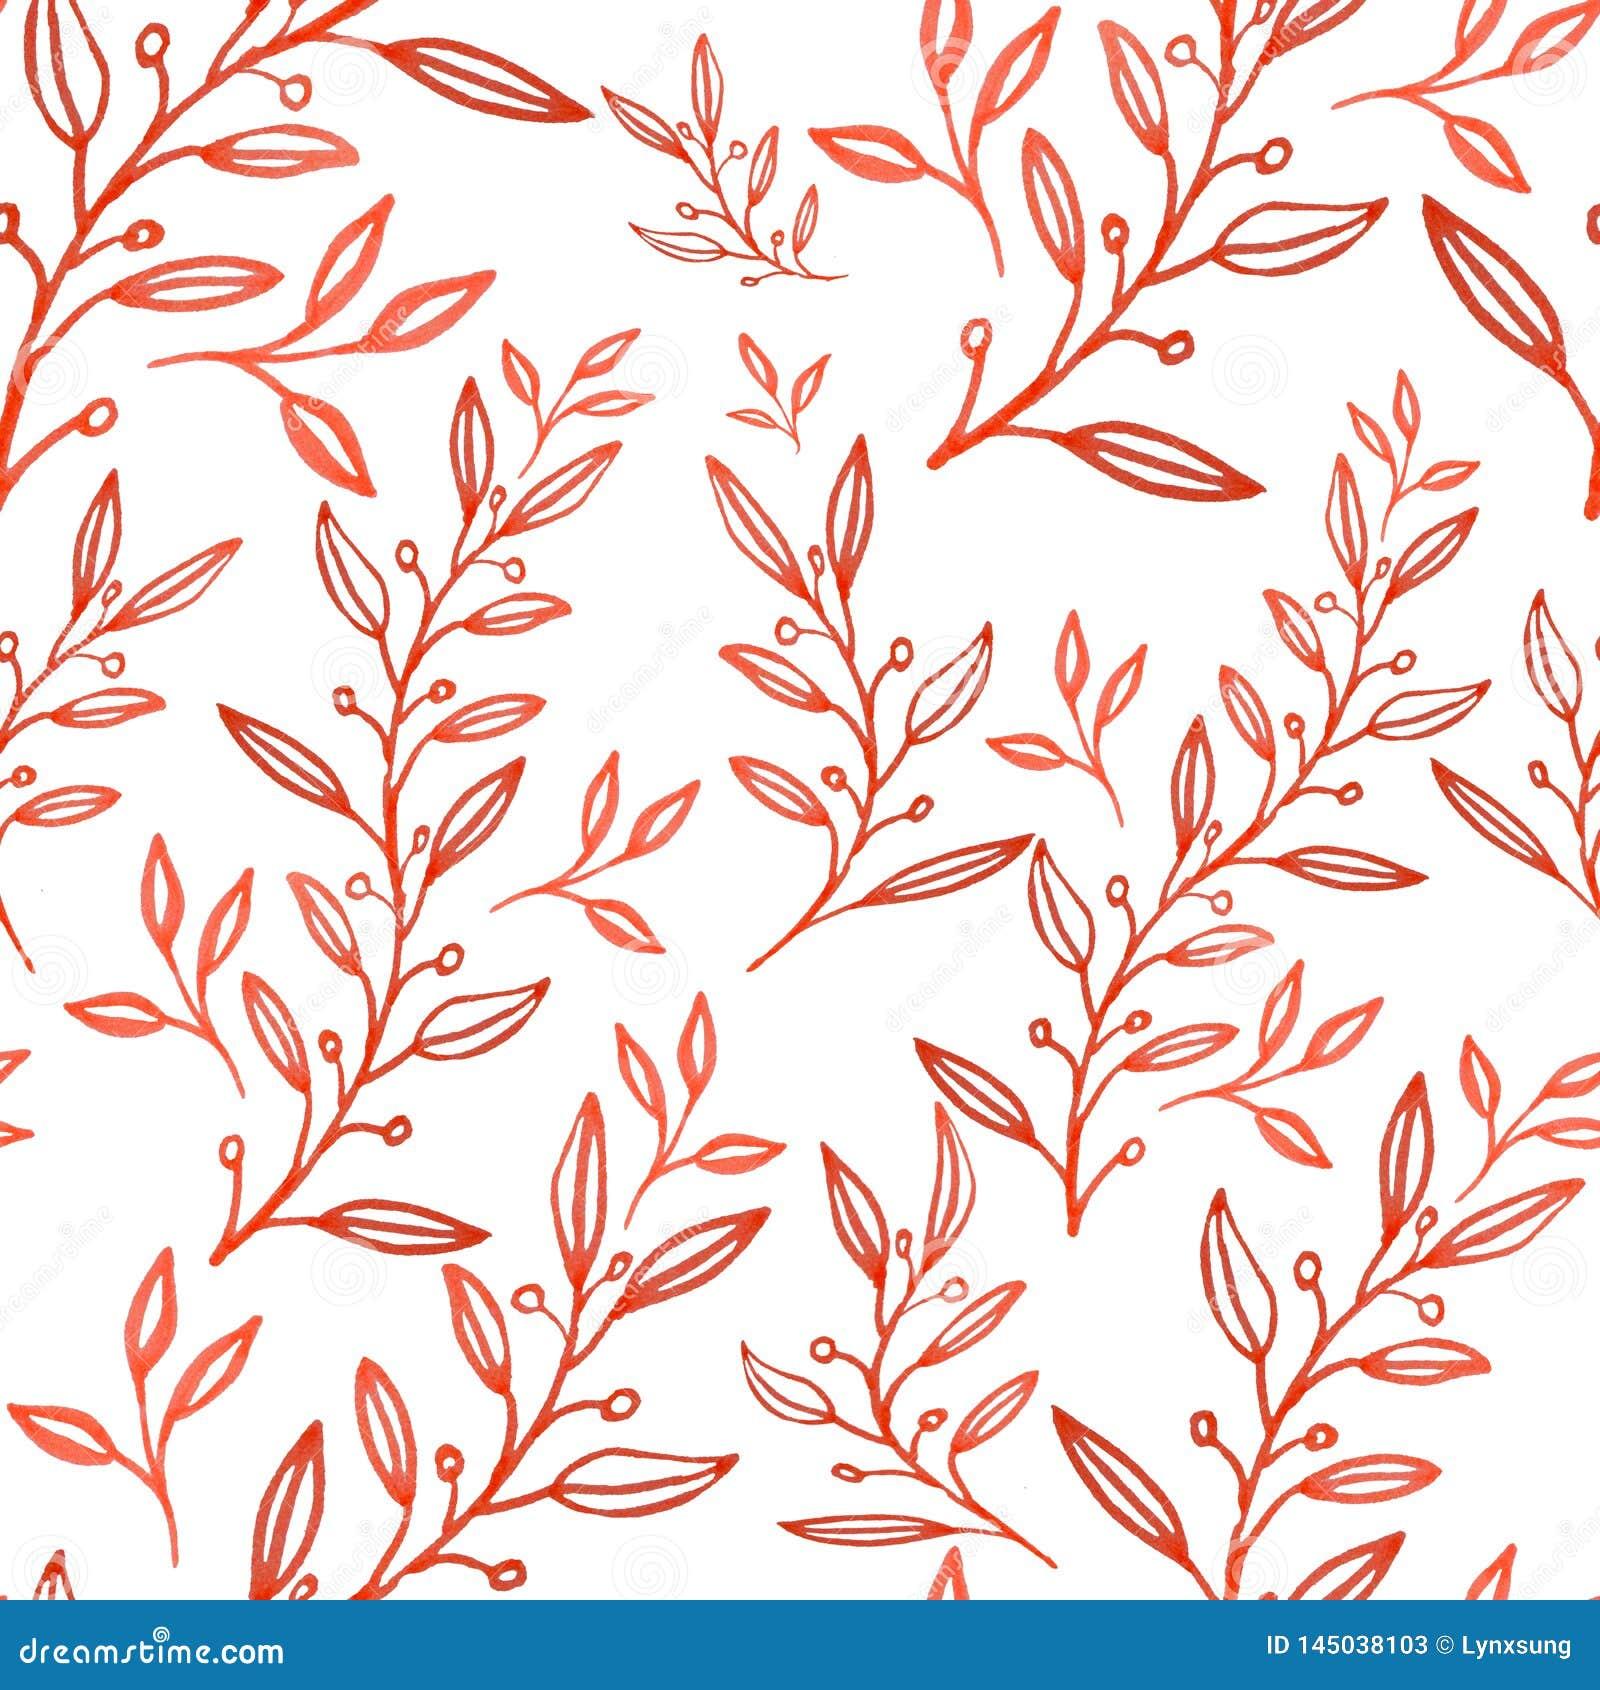 El estampado de flores abstracto inconsútil, ejemplo exhausto de la mano se puede utilizar para la impresión de materia textil